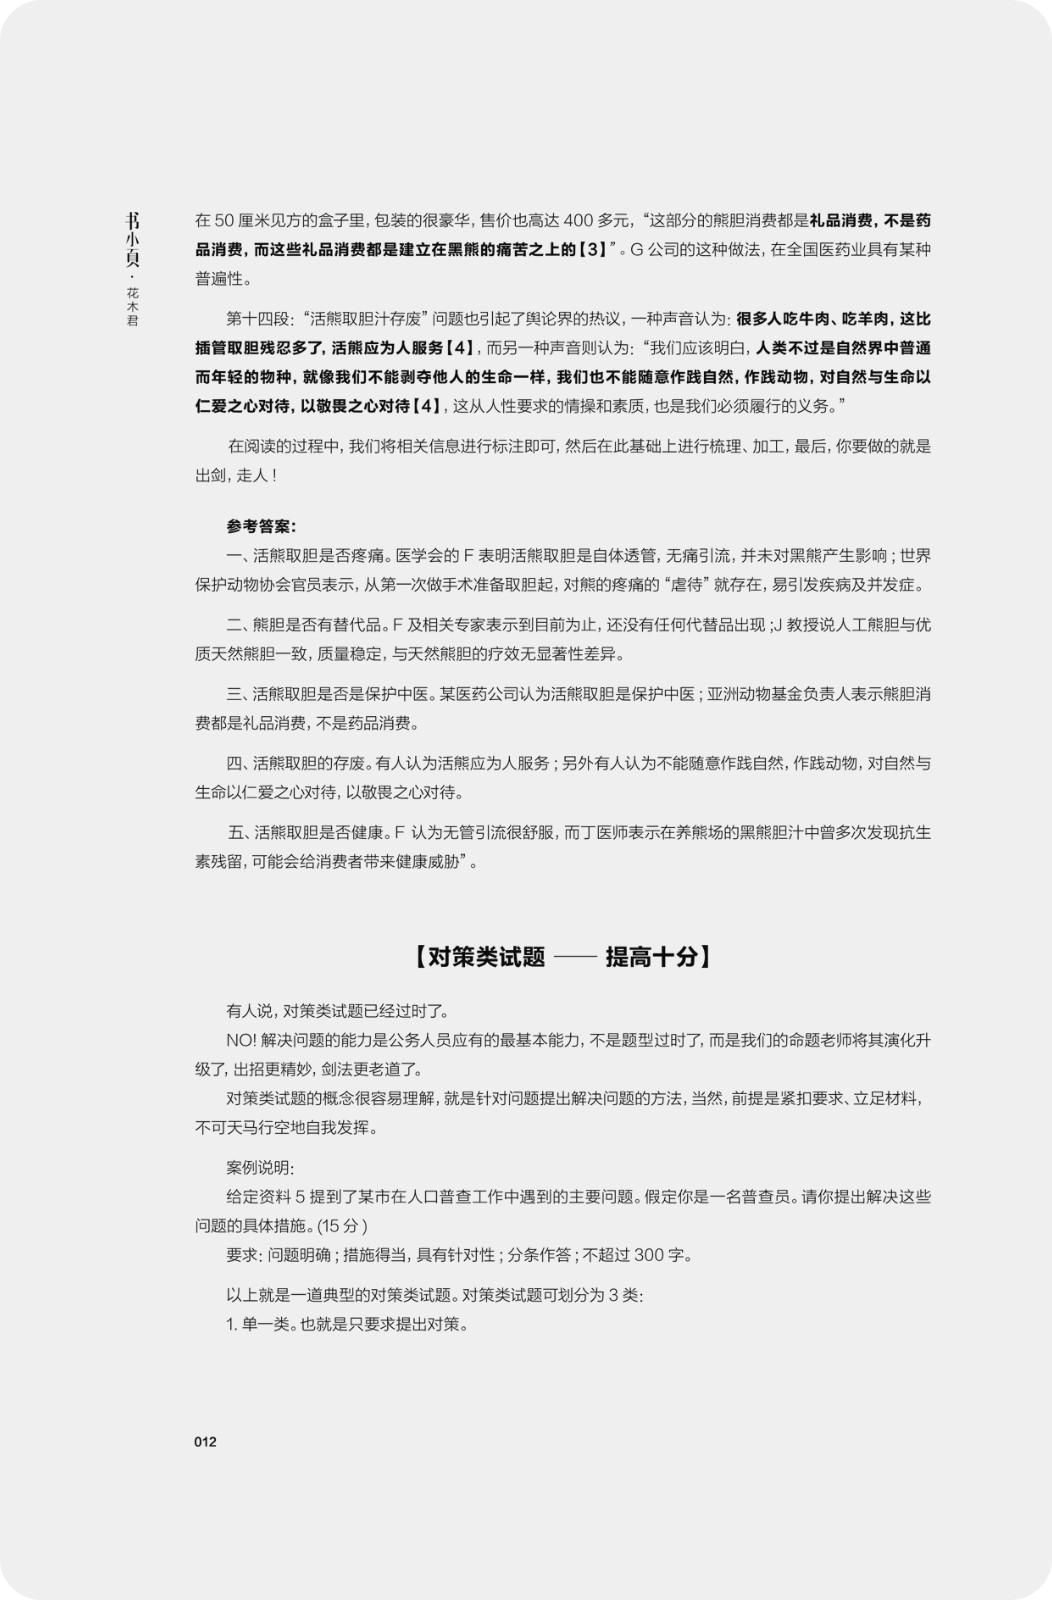 申论75分修炼手册.jpg